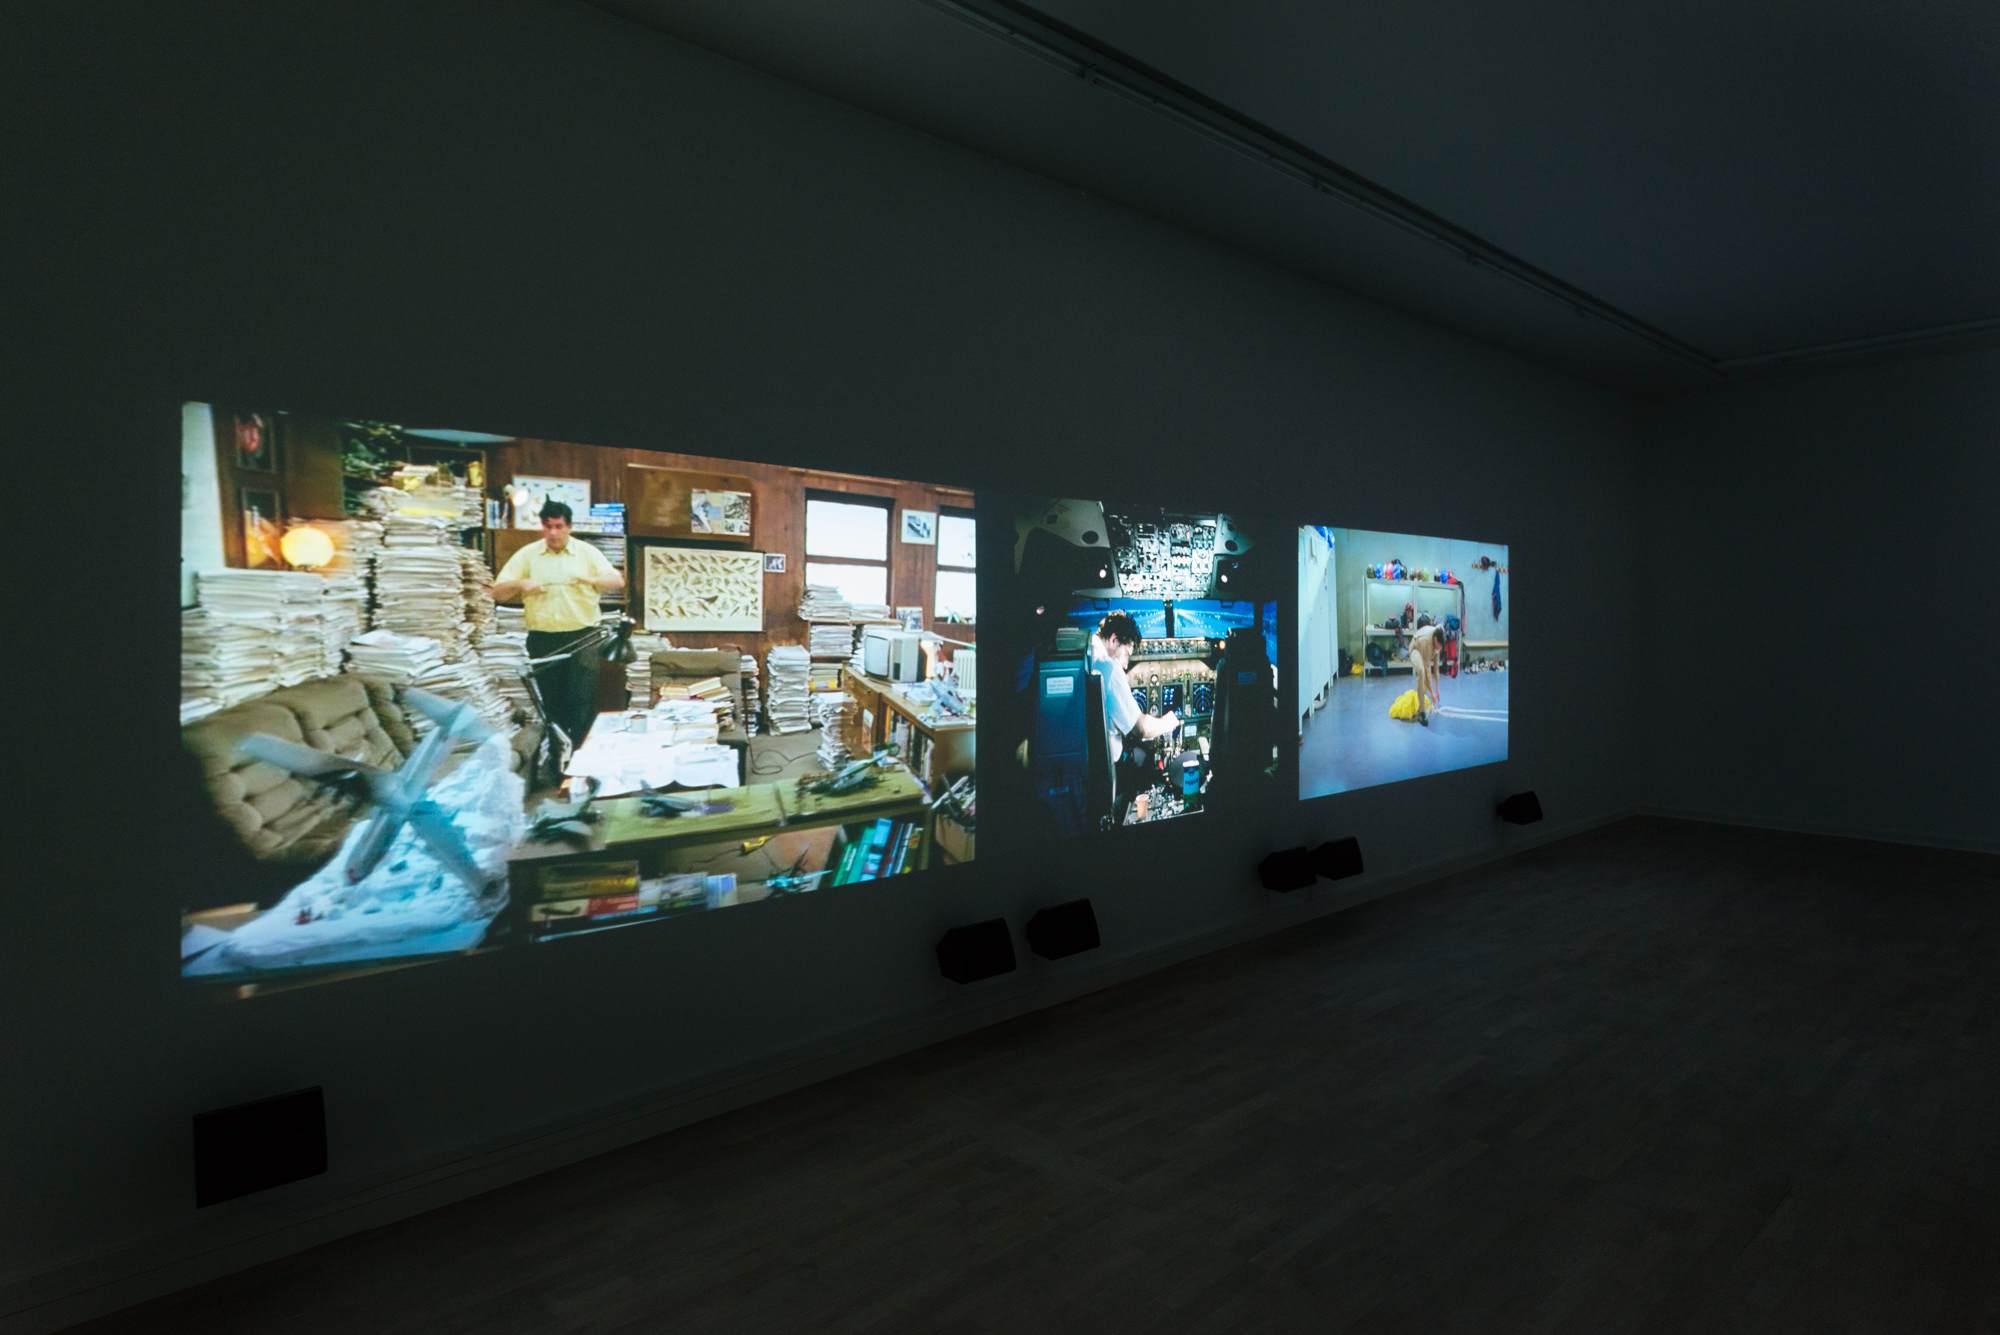 insitu collective Corridor 3: Valdemar Daa